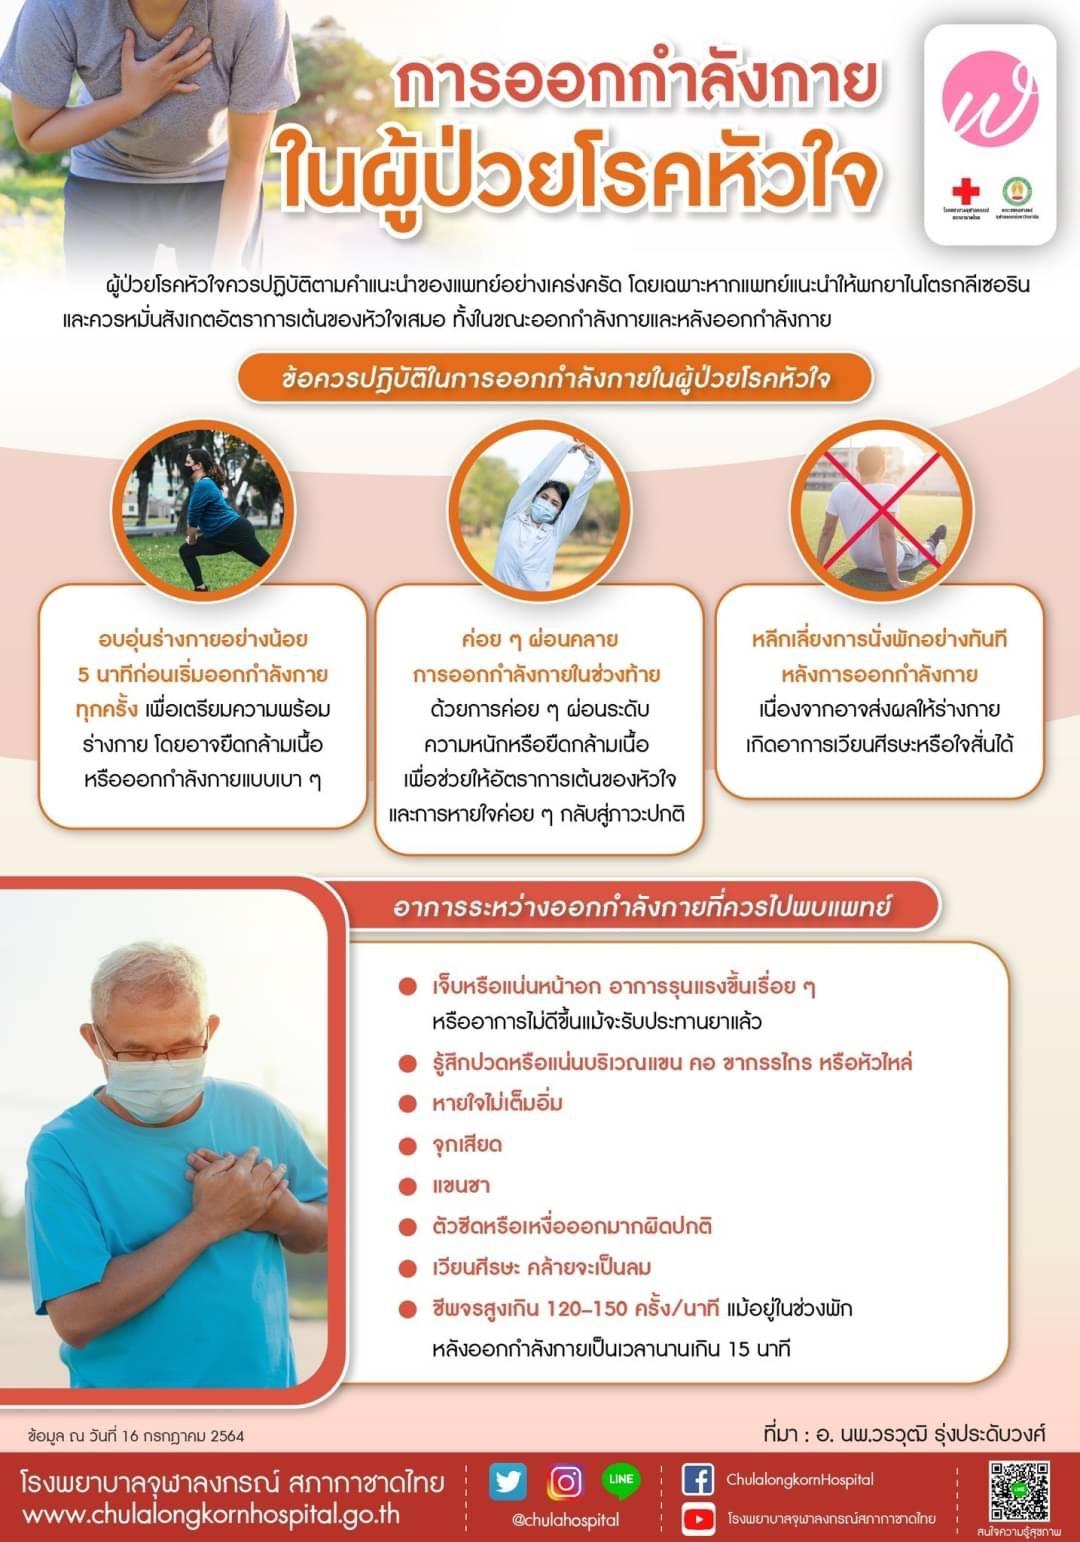 การออกกำลังกายในผู้ป่วยโรคหัวใจ